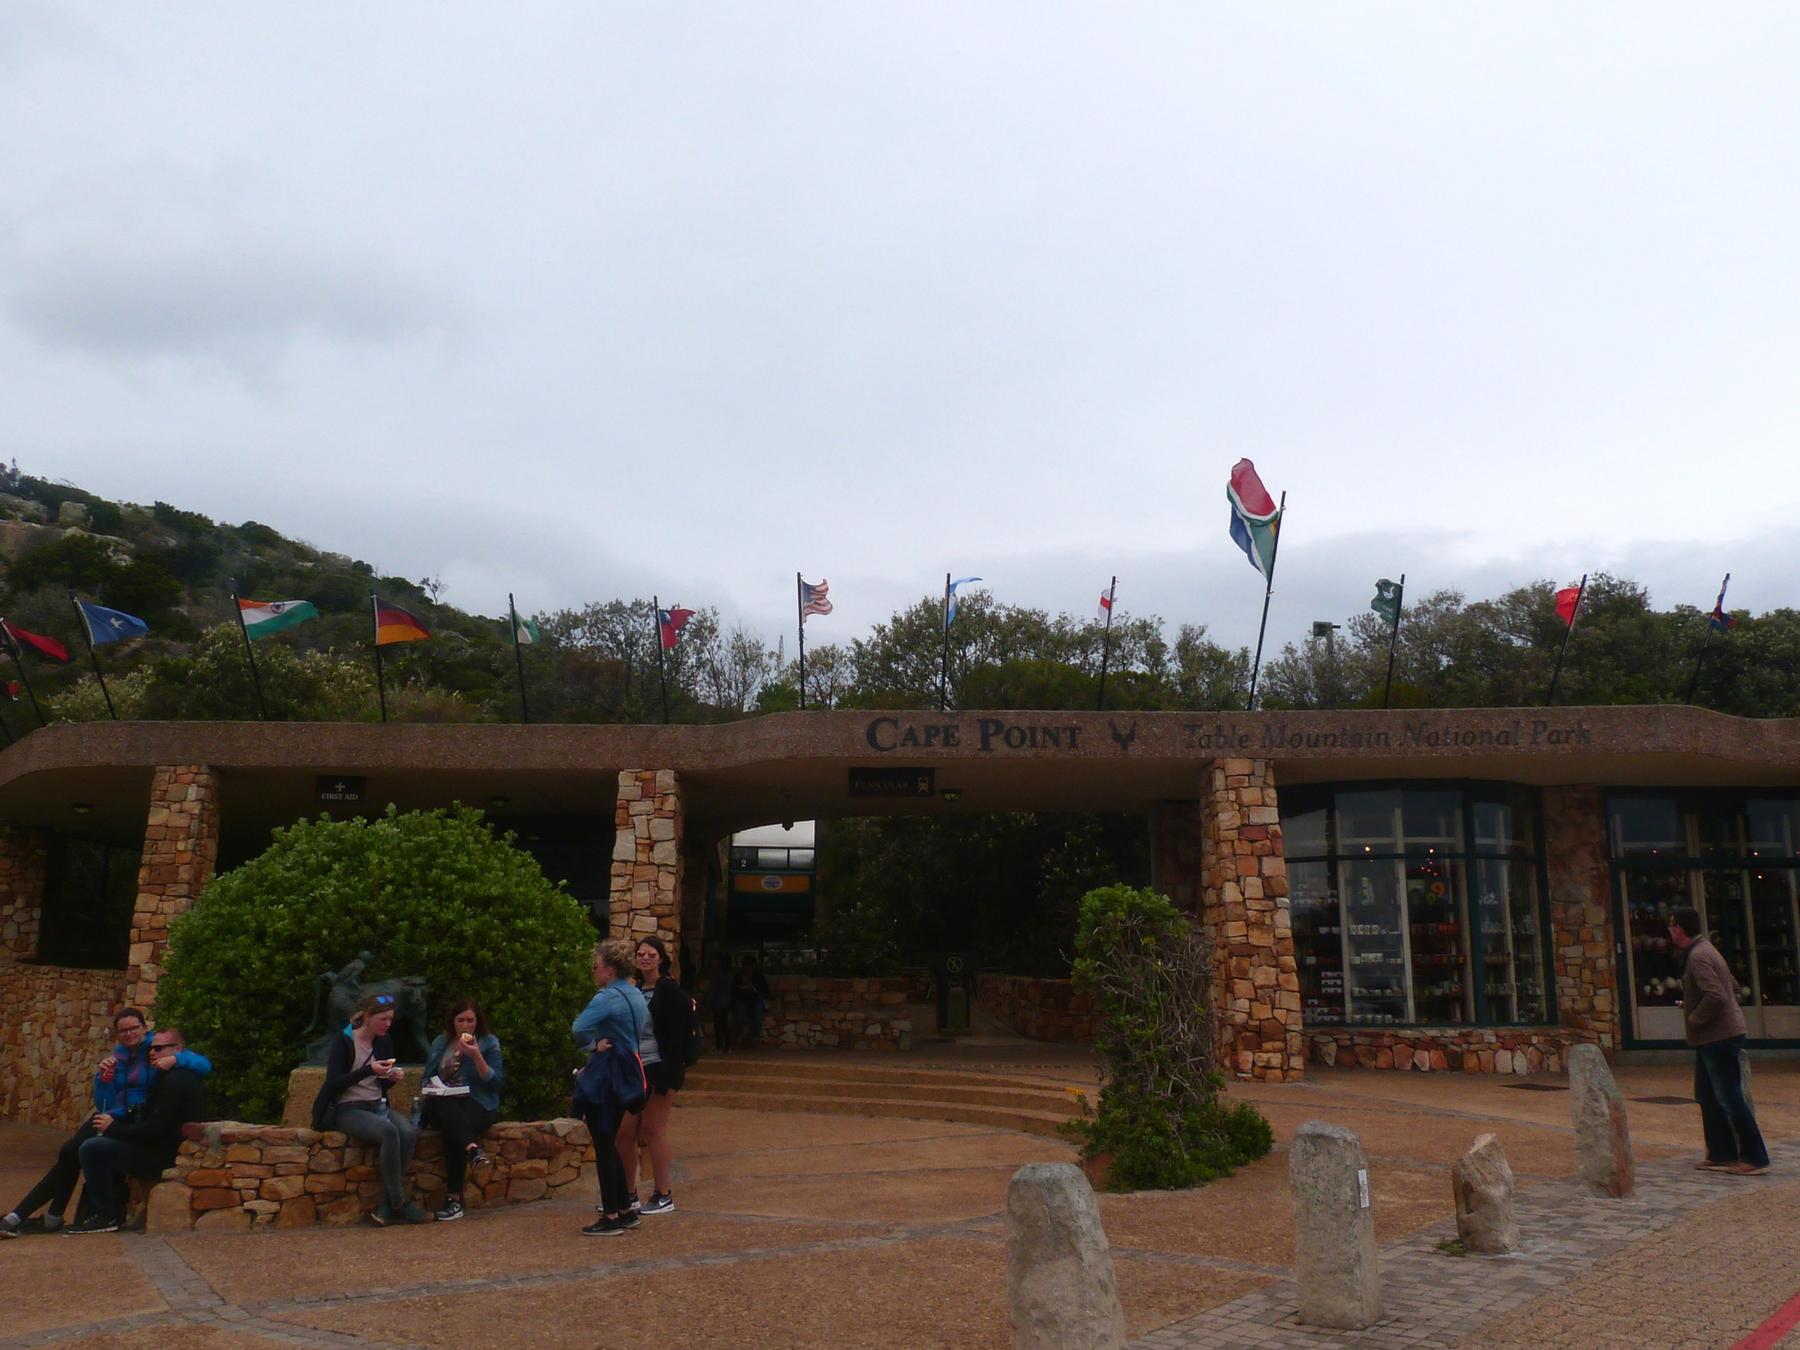 Roteiro-Cidade-do-Cabo-4-a-7-dias-cabo-da-boa-esperança Roteiro Cidade do Cabo 4 a 7 dias (Sensacional)!